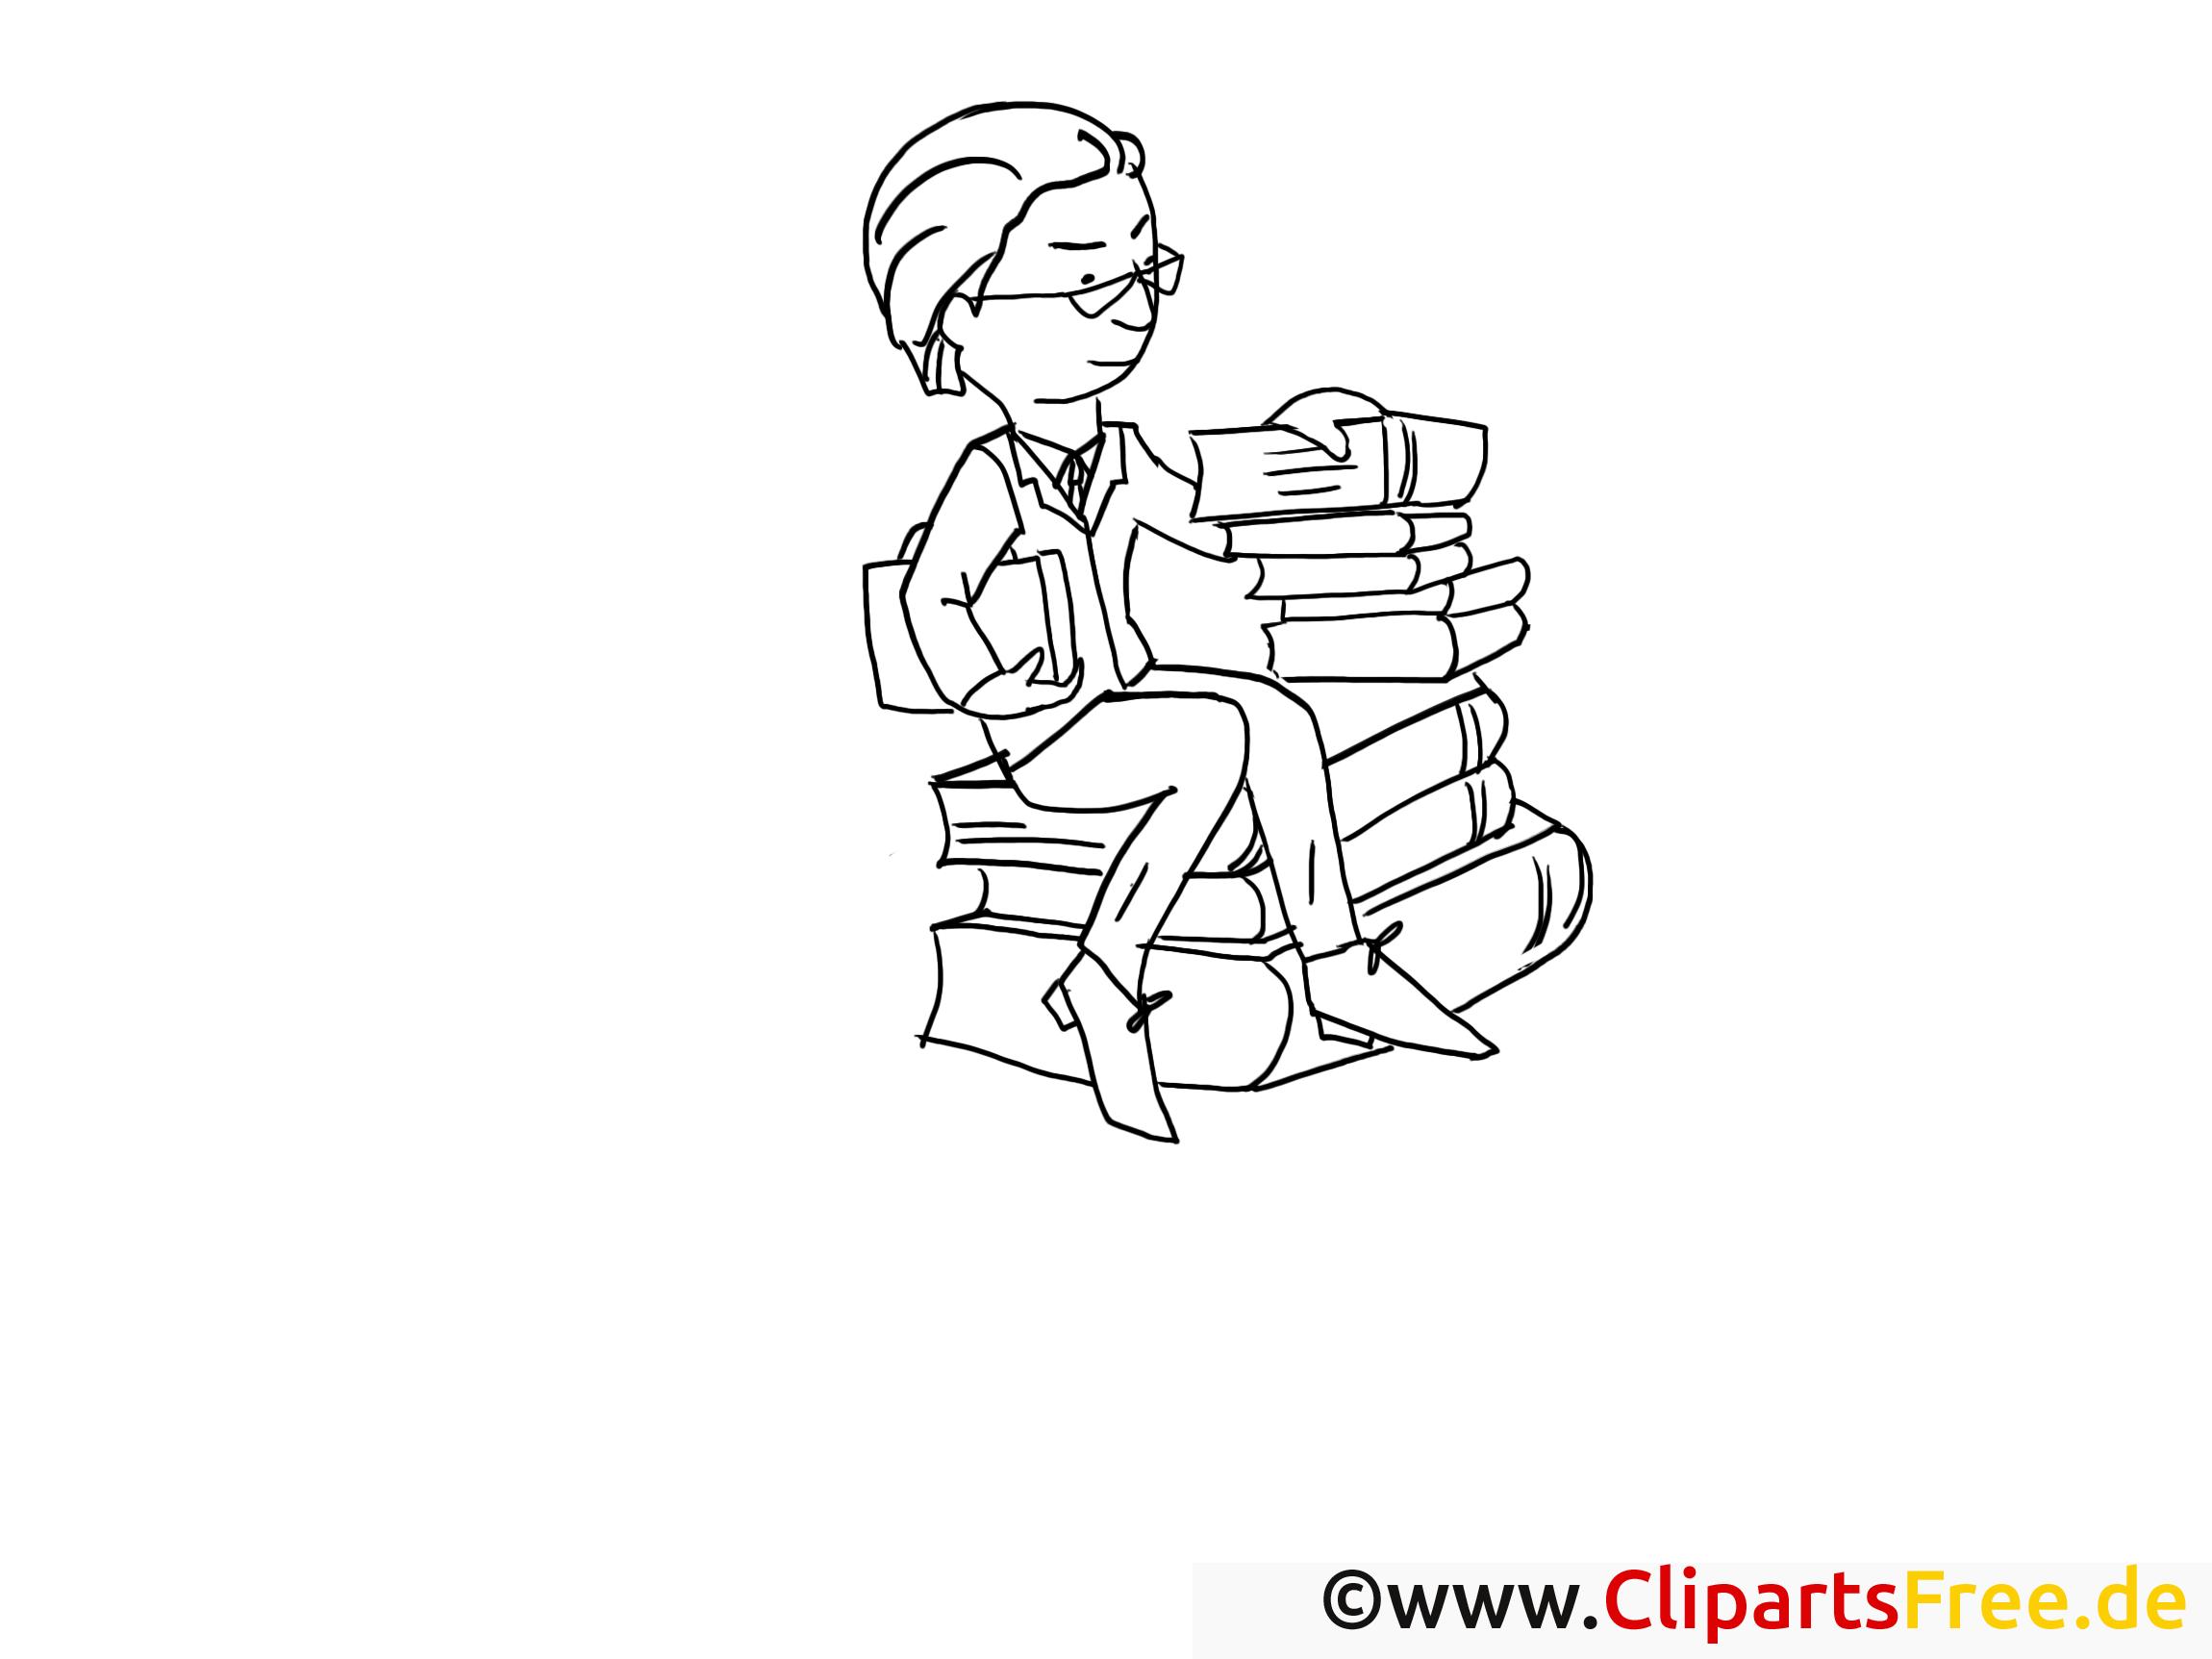 Rapports dessin gratuit – Travail à colorier